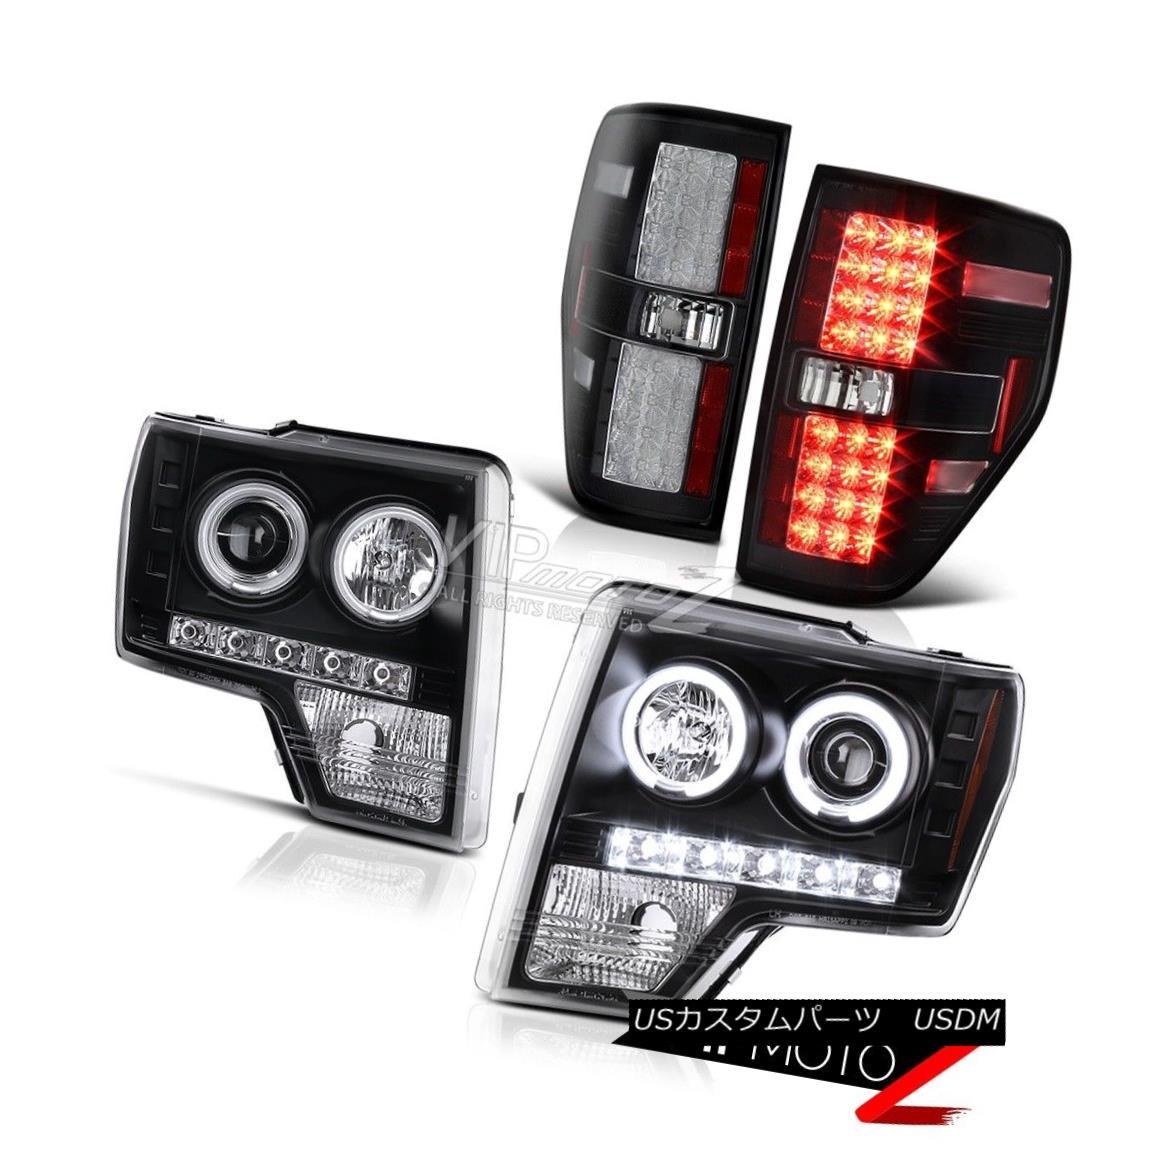 ヘッドライト 2009-2014 Ford F150 Raptor Style Black CCFL Halo Headlights+LED Brake Tail Light 2009-2014フォードF150ラプタースタイルブラックCCFLハローヘッドライト+ LEDブレーキテールライト